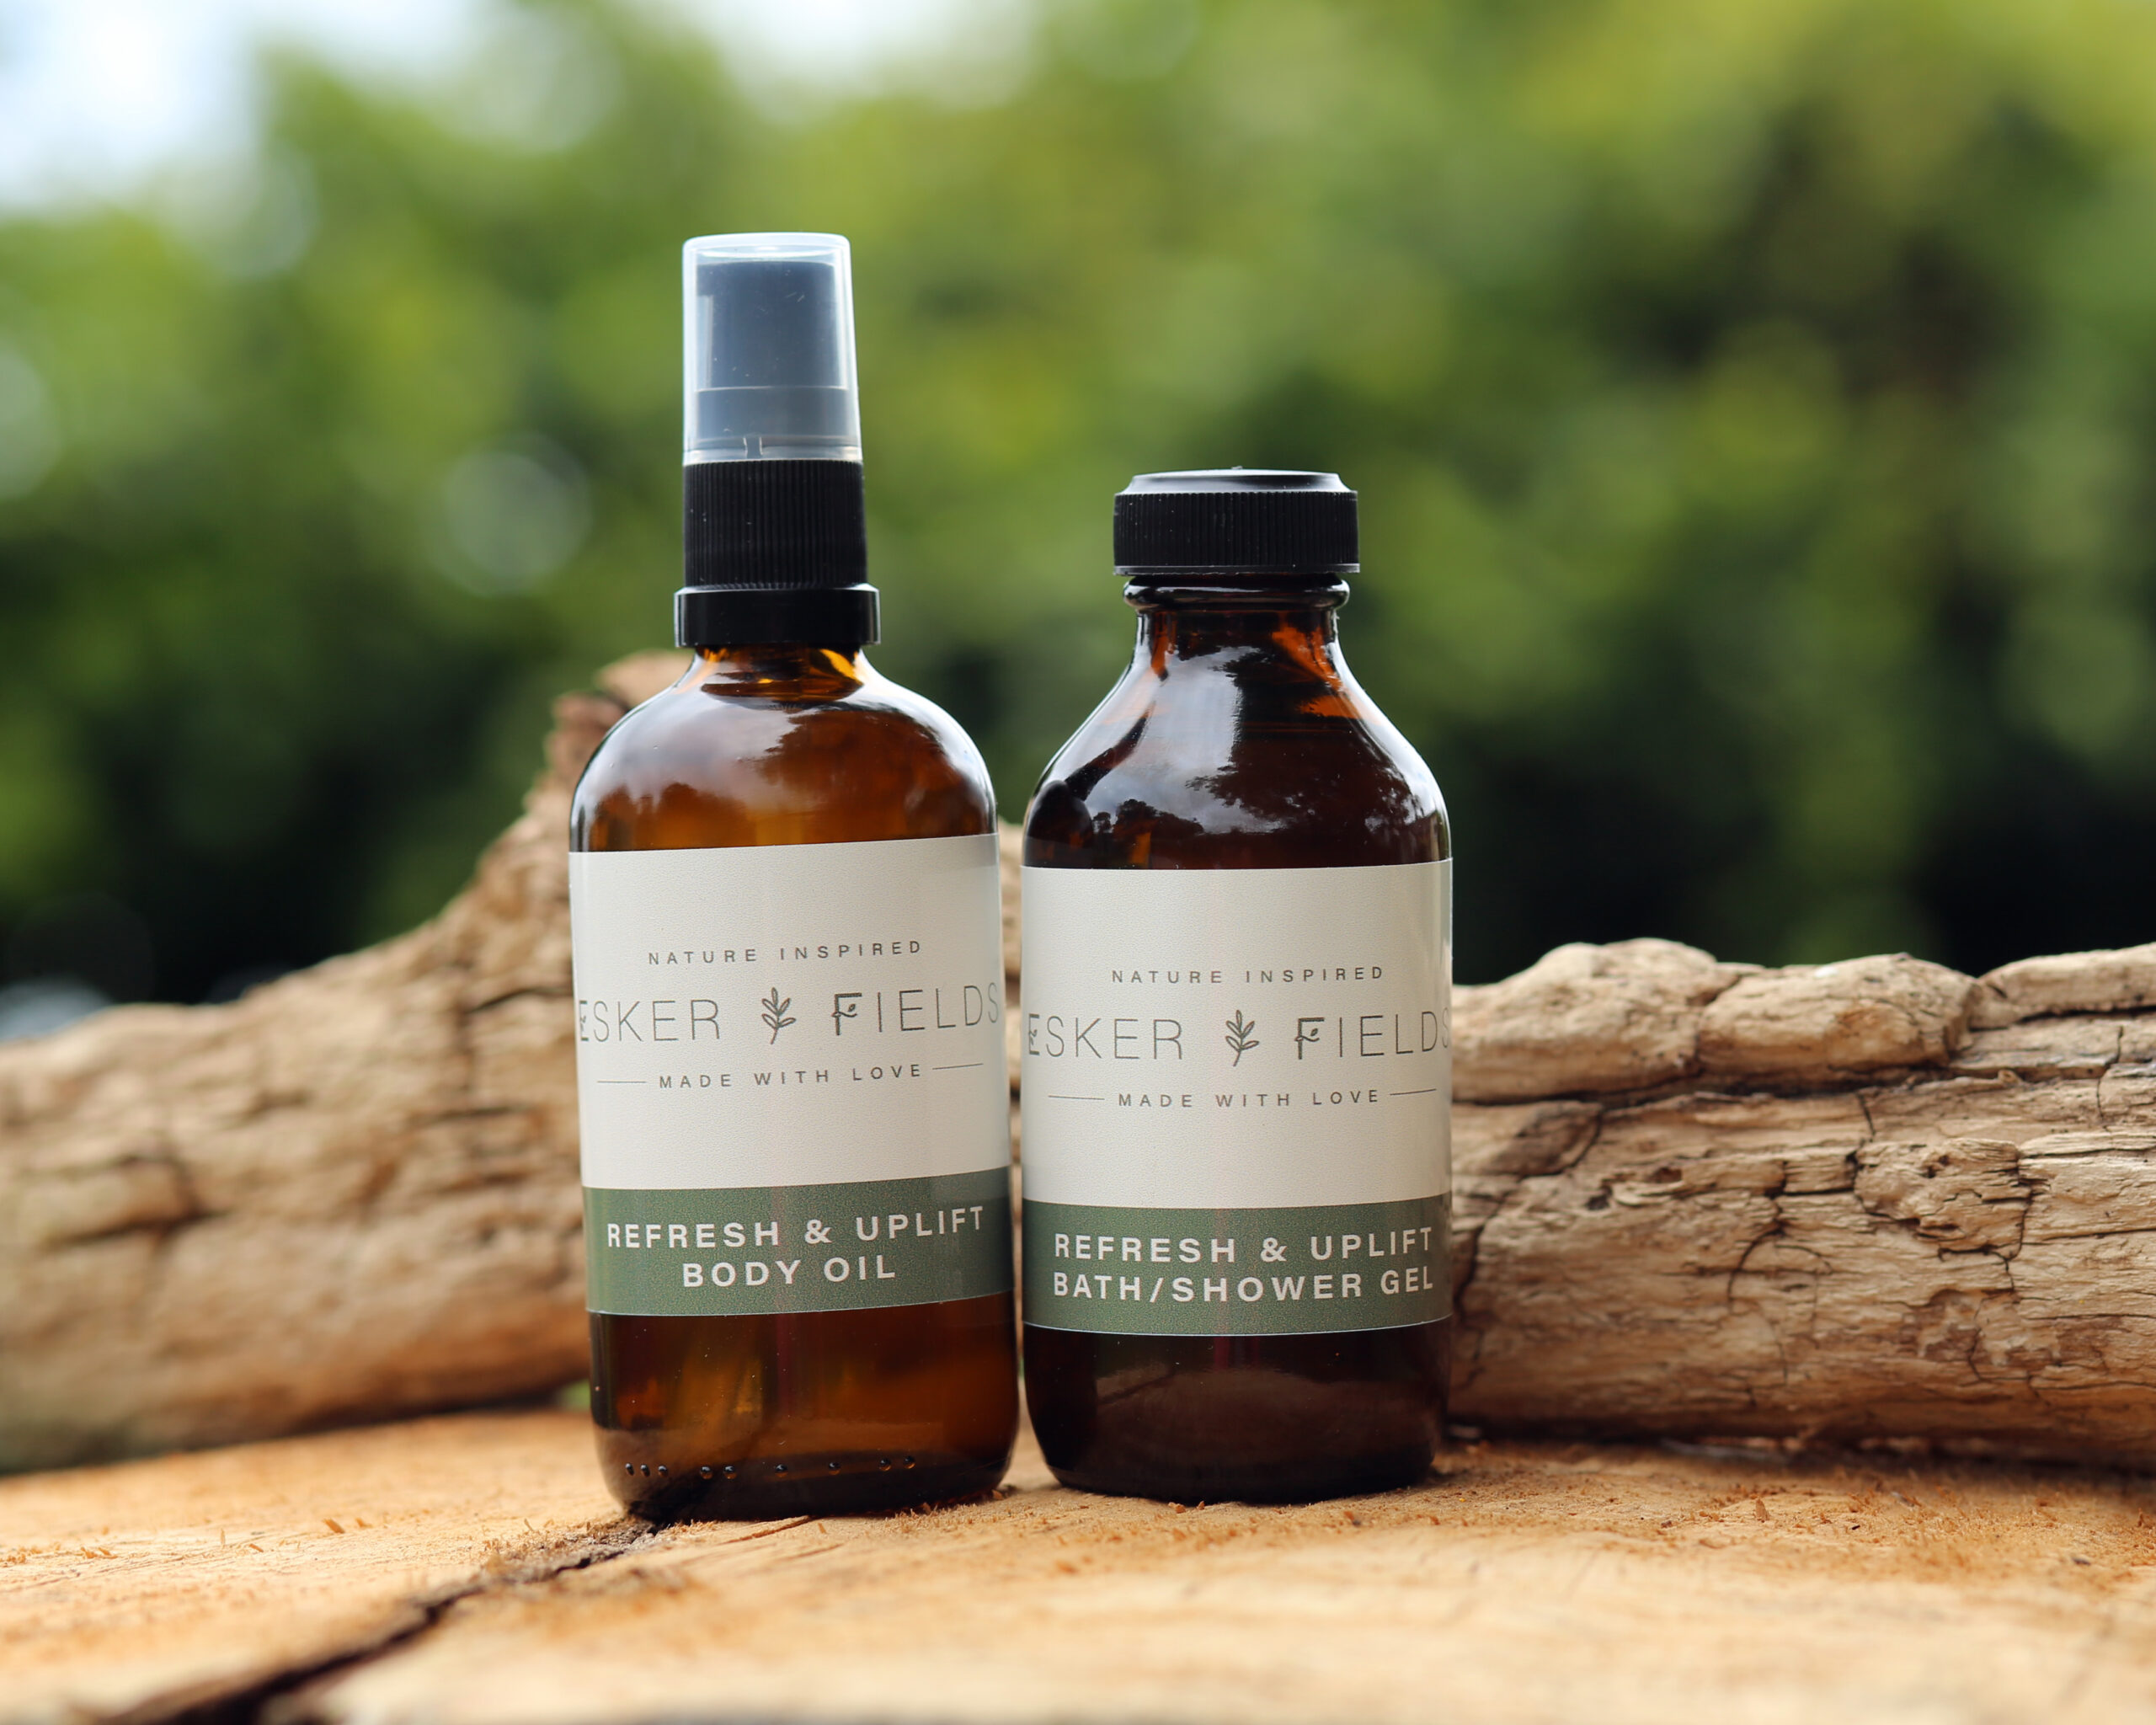 esker fields body oil and shower gel